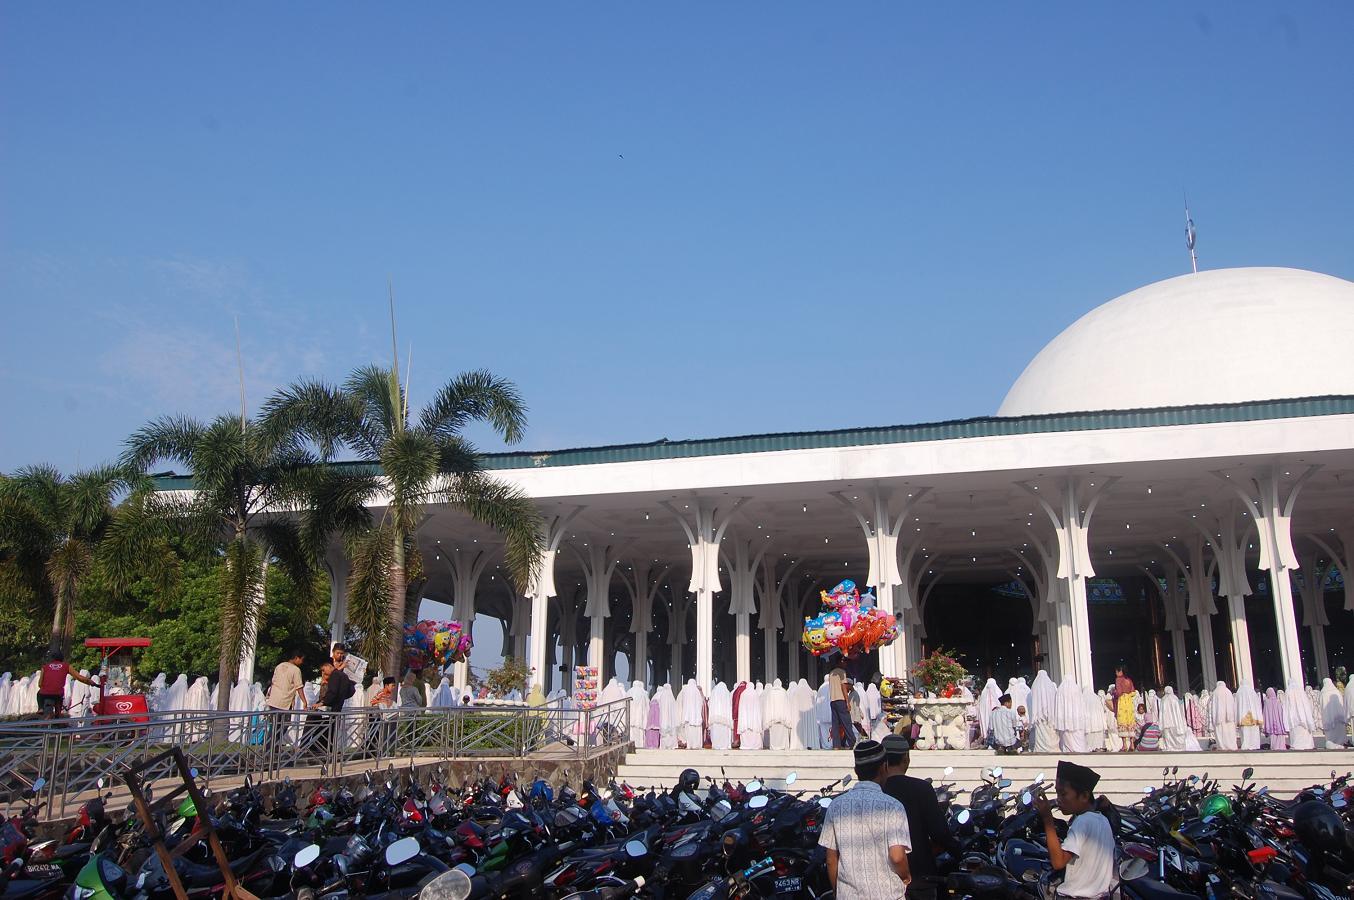 Beritaku Sholat Idul Adha Masjid Agung Alfalah Jambi Berjalan Hikmat